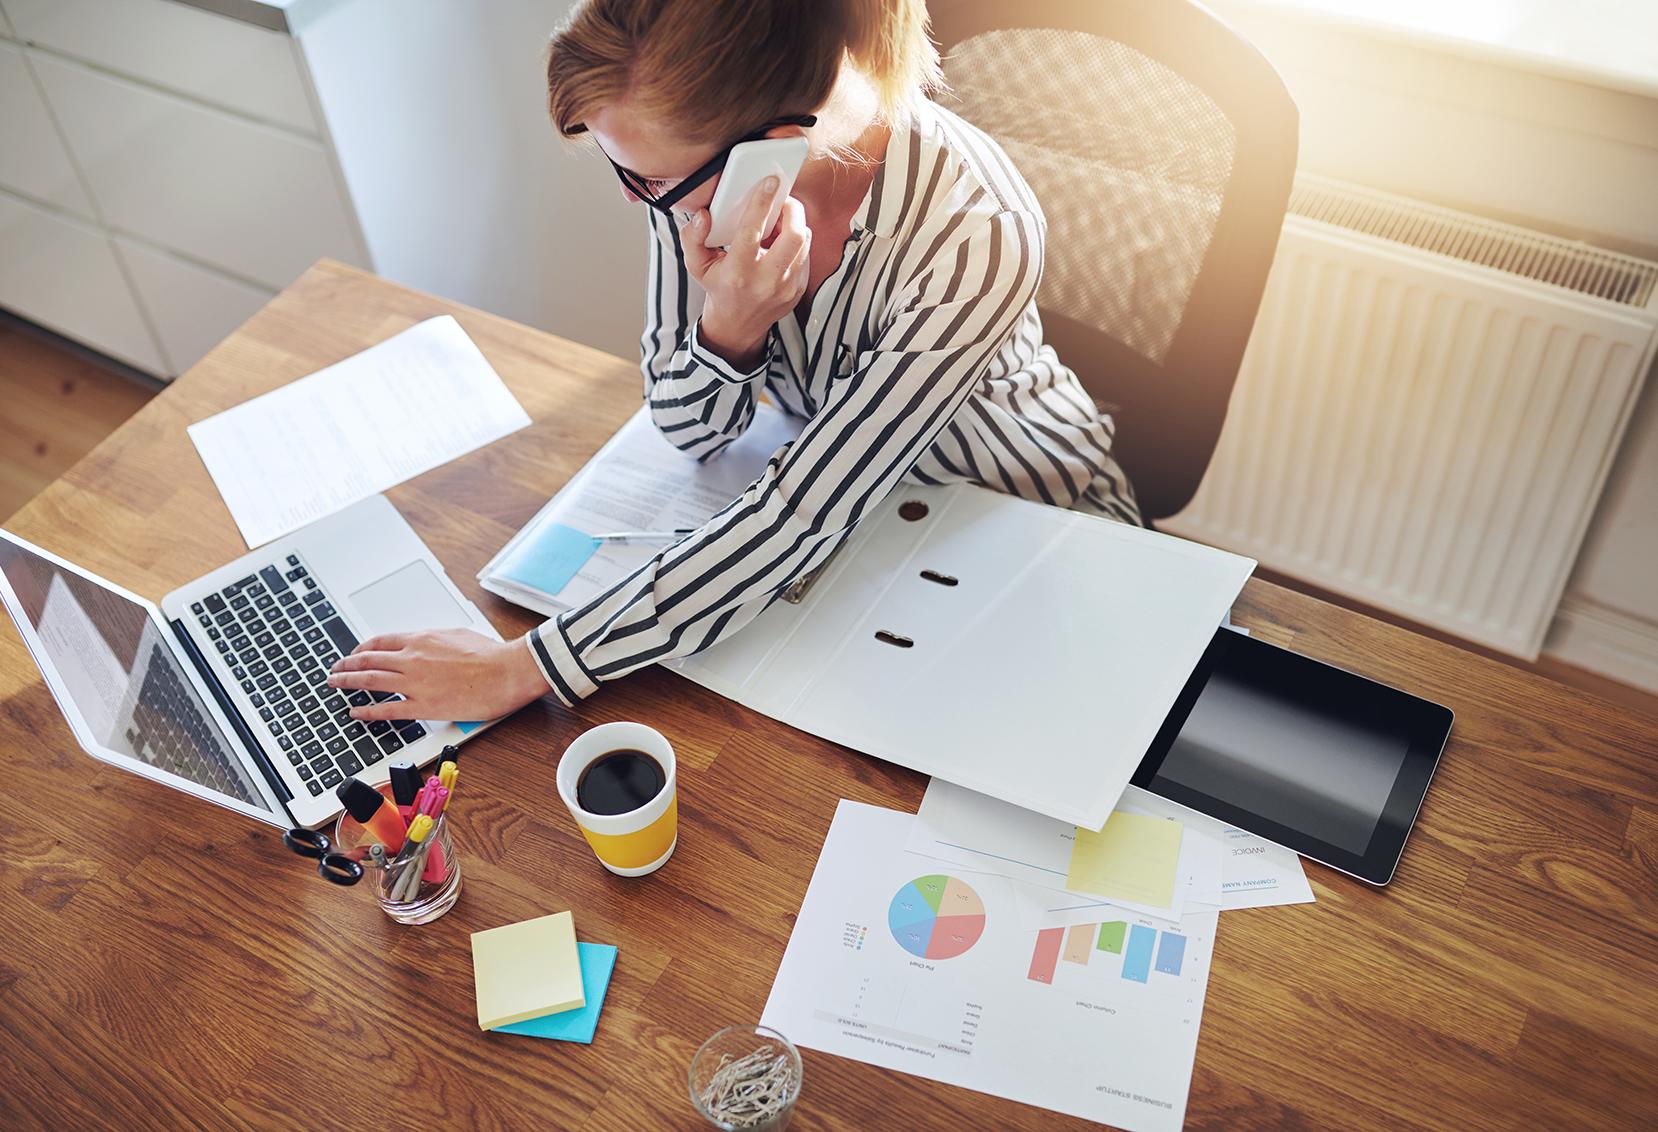 Descubra Como O Empreendedorismo Pode Ser Seu Aliado Durante A Crise